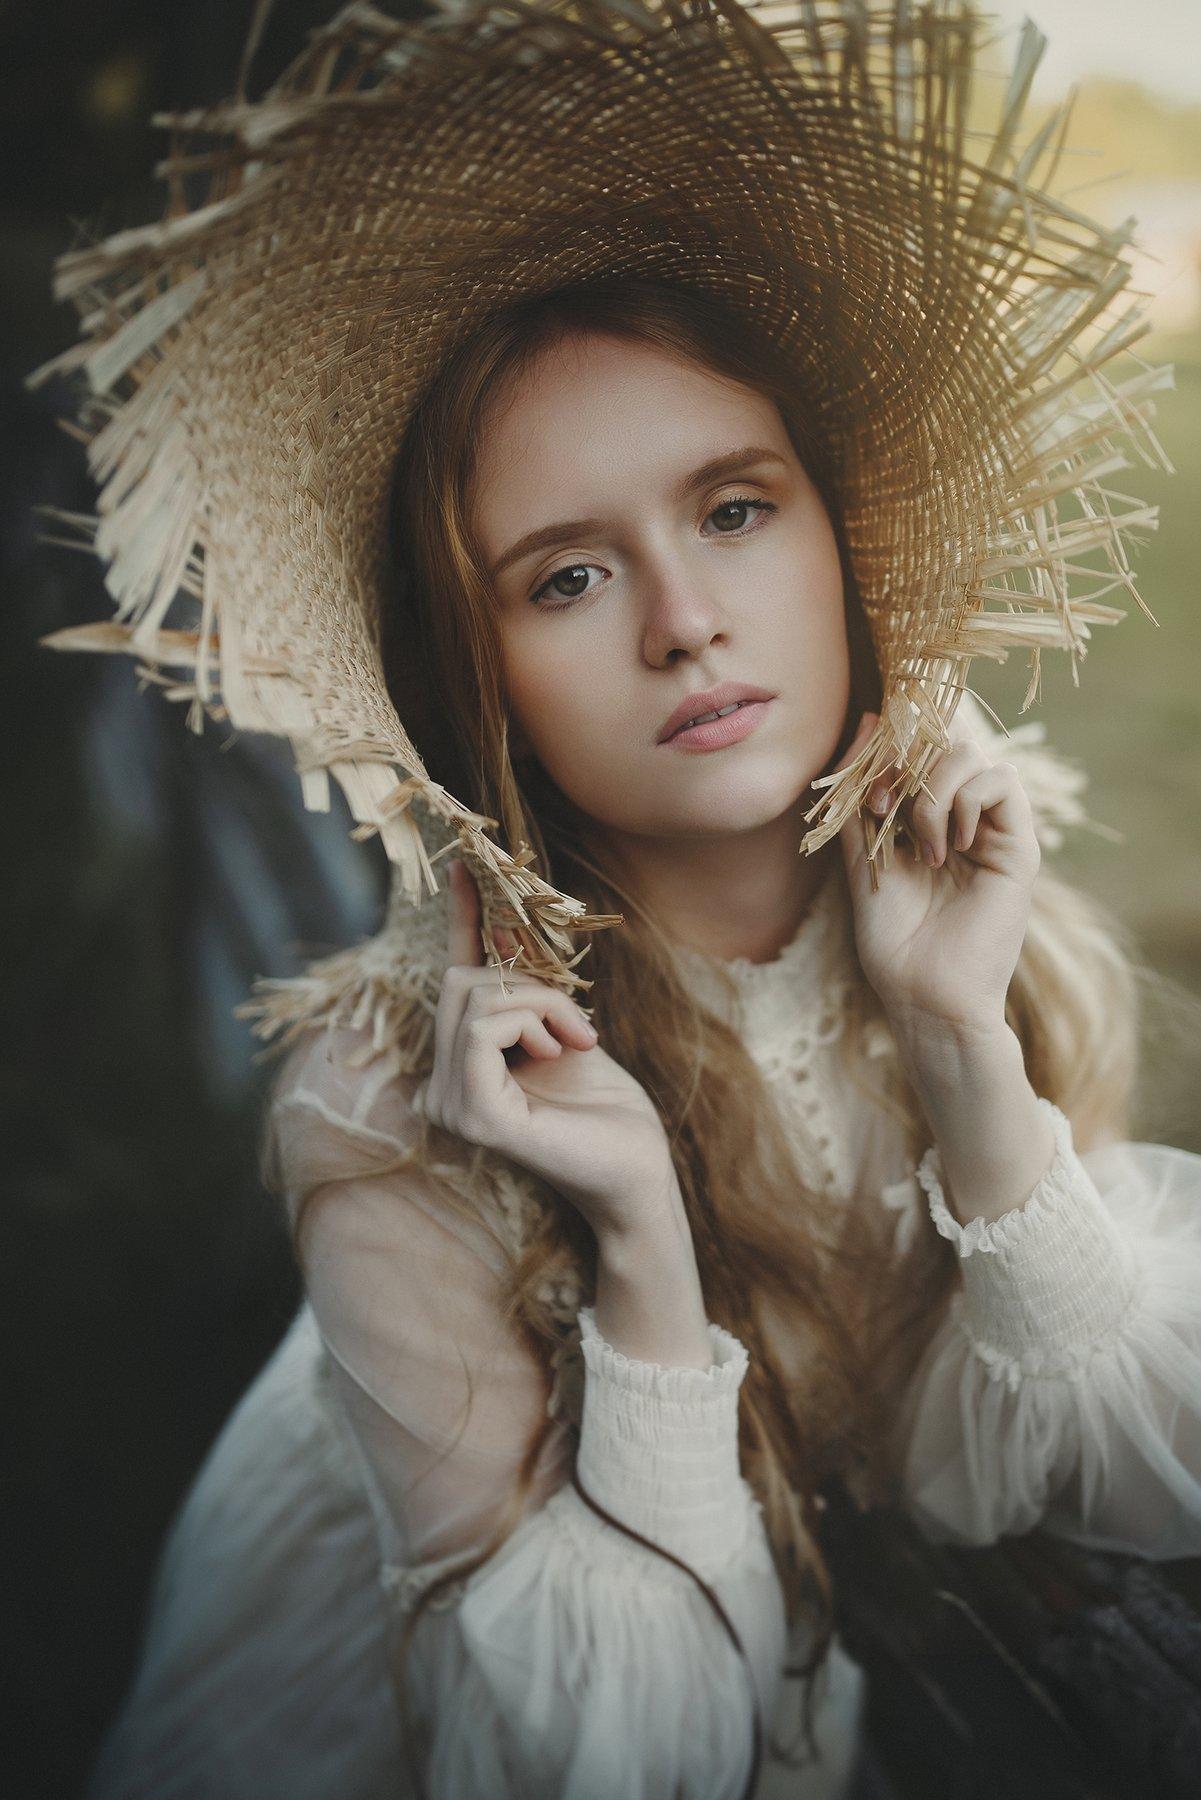 , Alimpieva Anna